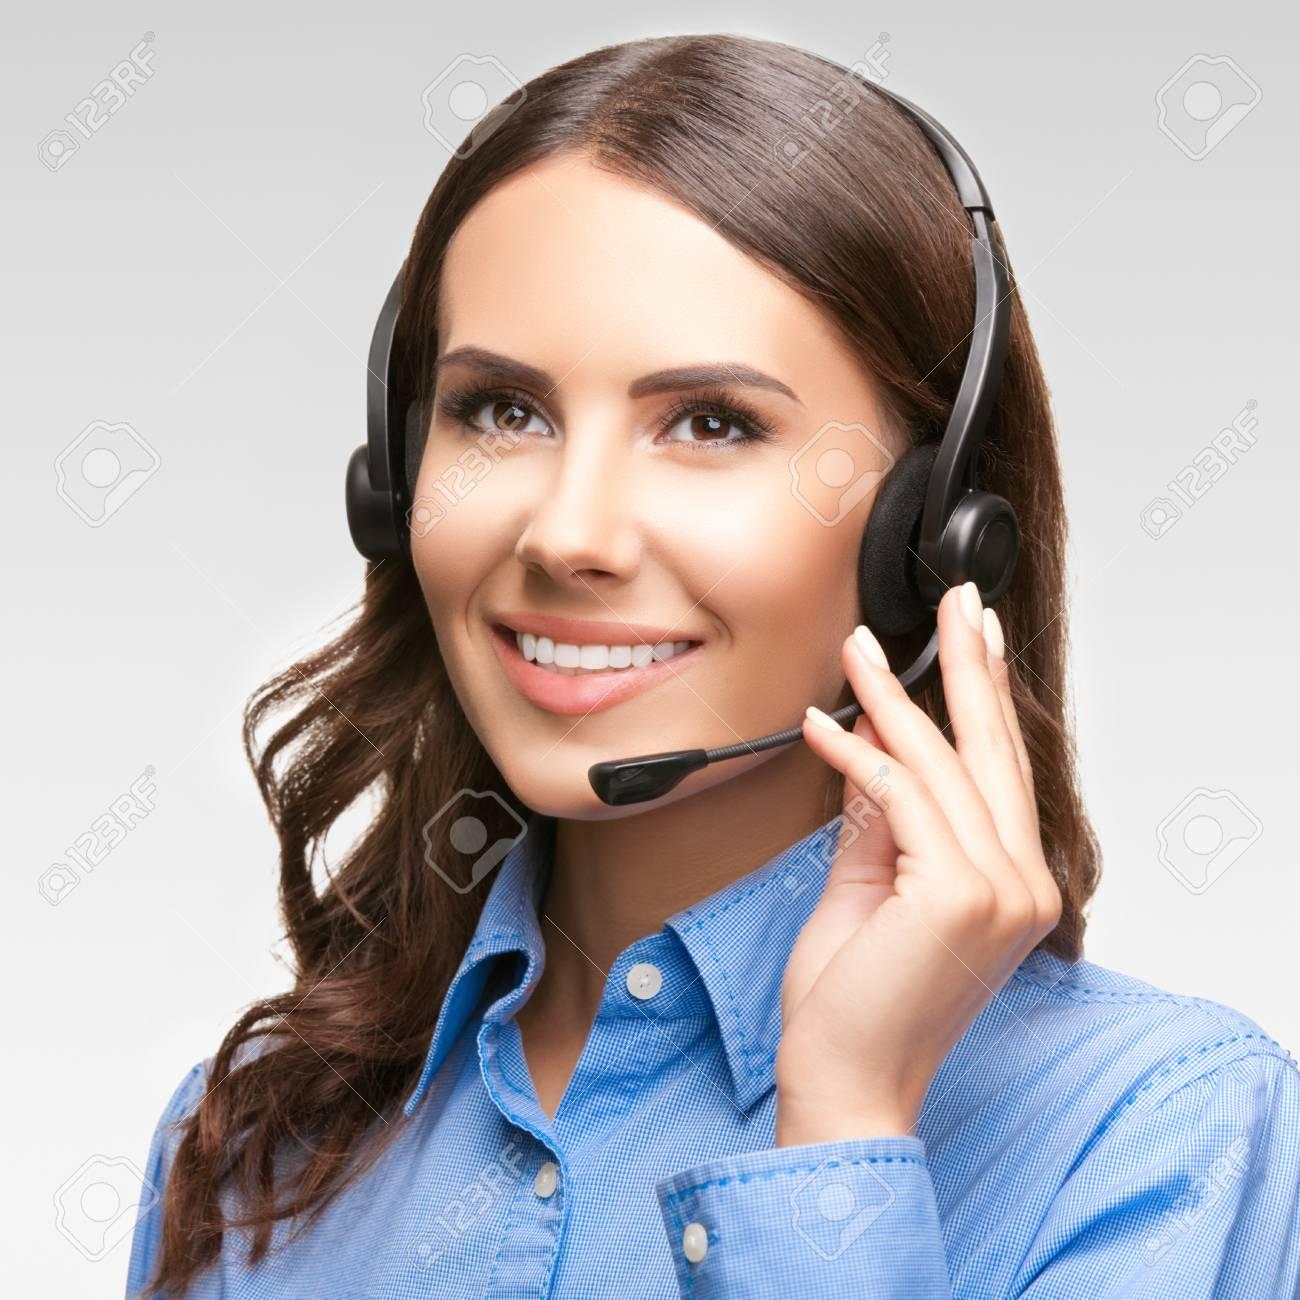 33706082-retrato-de-la-sonrisa-alegre-operador-telefónico-de-atención-al-cliente-en-el-auricular-contra-el-fondo-gr